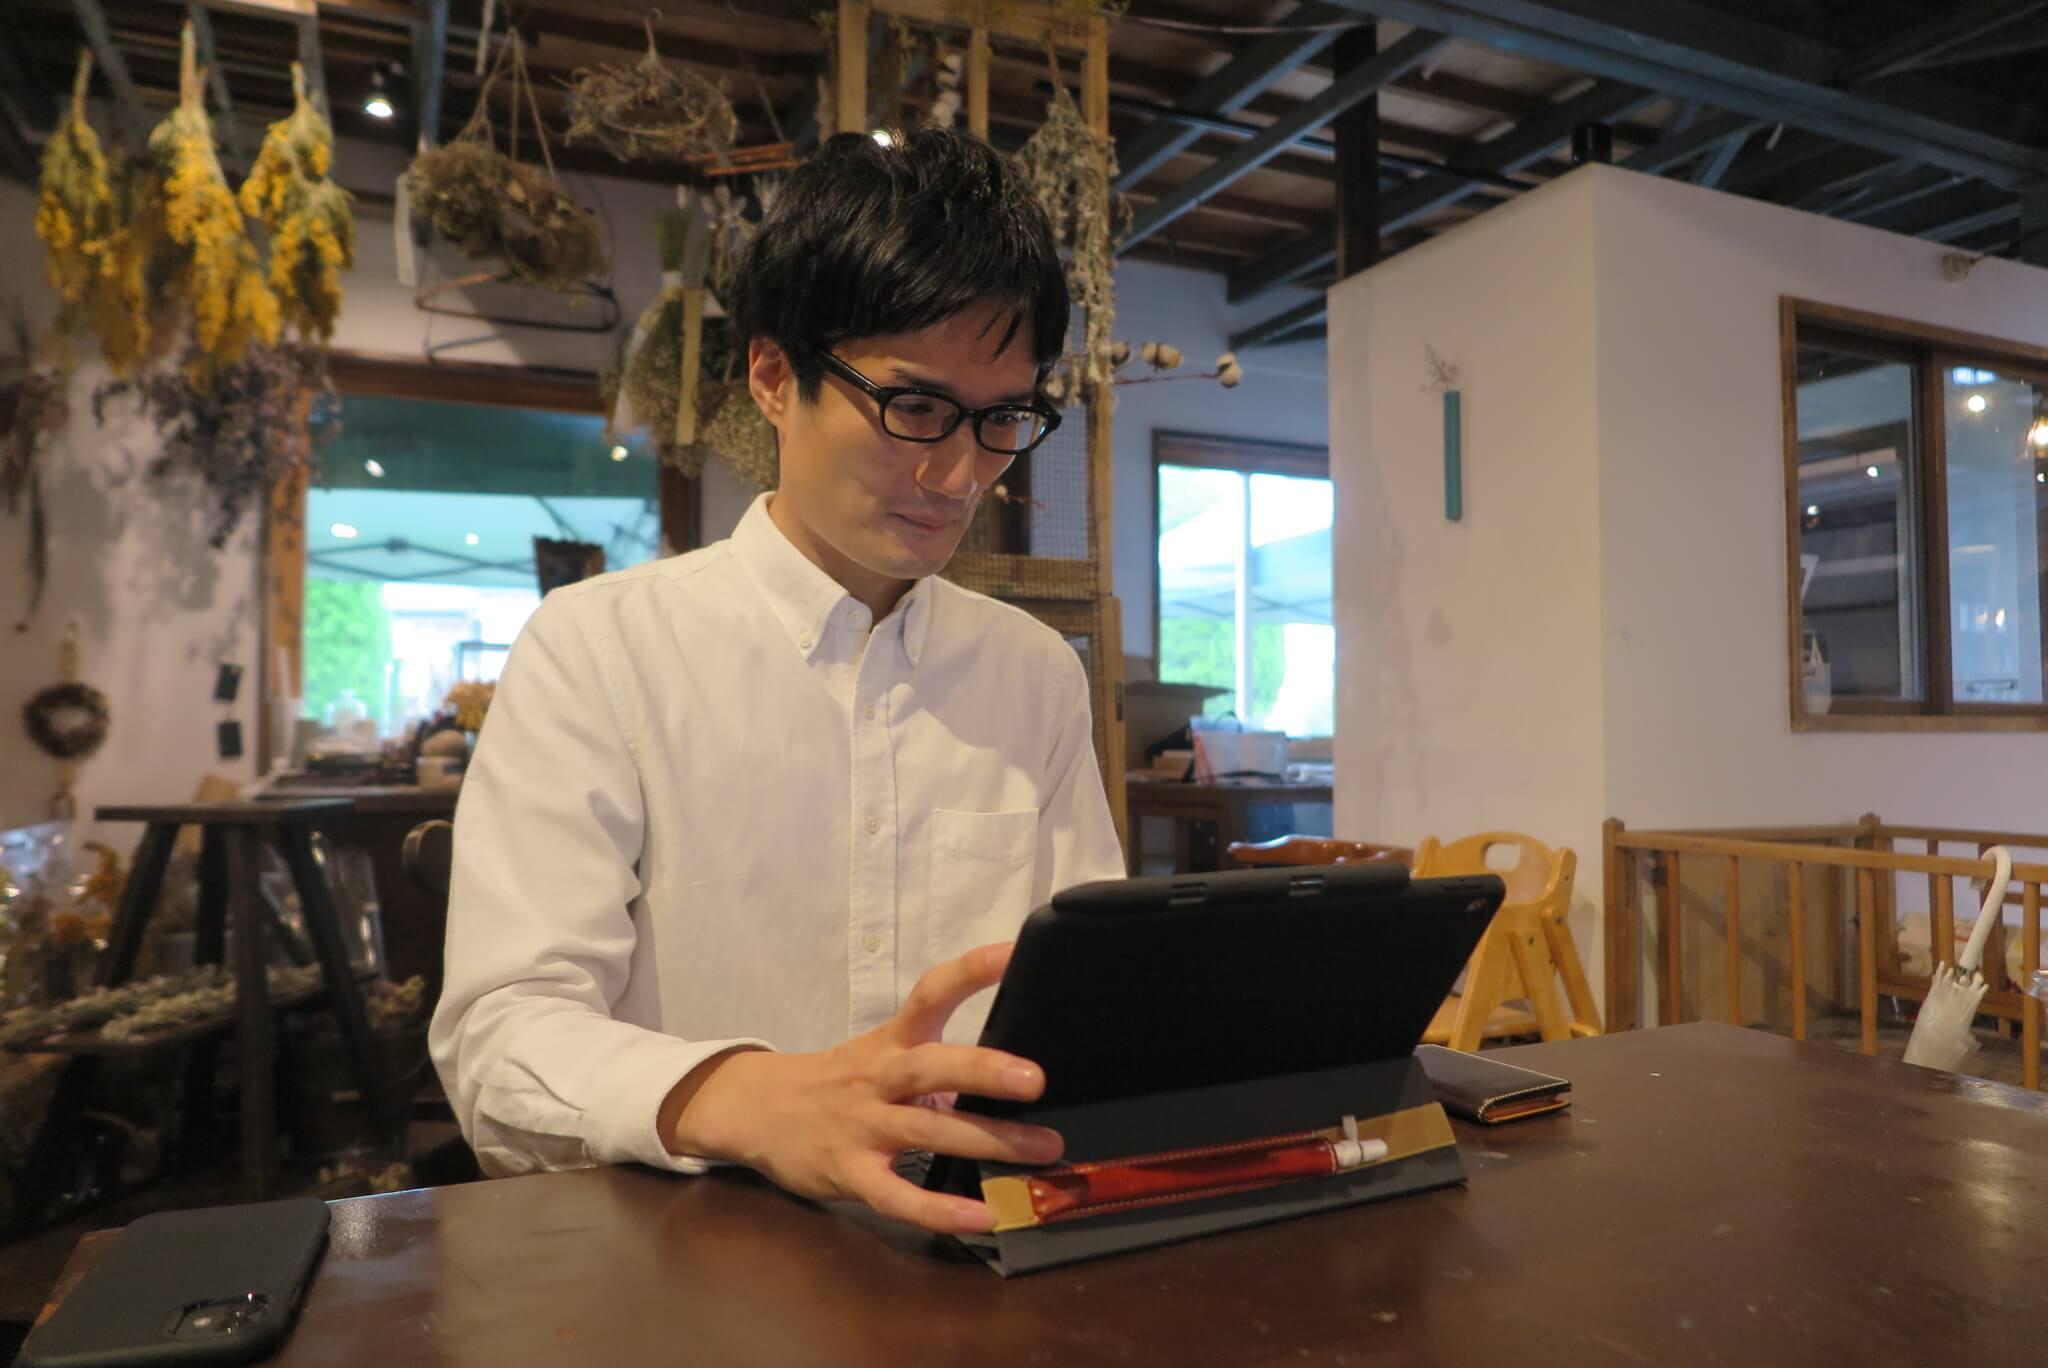 ローカルWEBメディア・地域サイト 草加ローカルストーリー 小林 義崇さんインタビュー写真 つなぐば